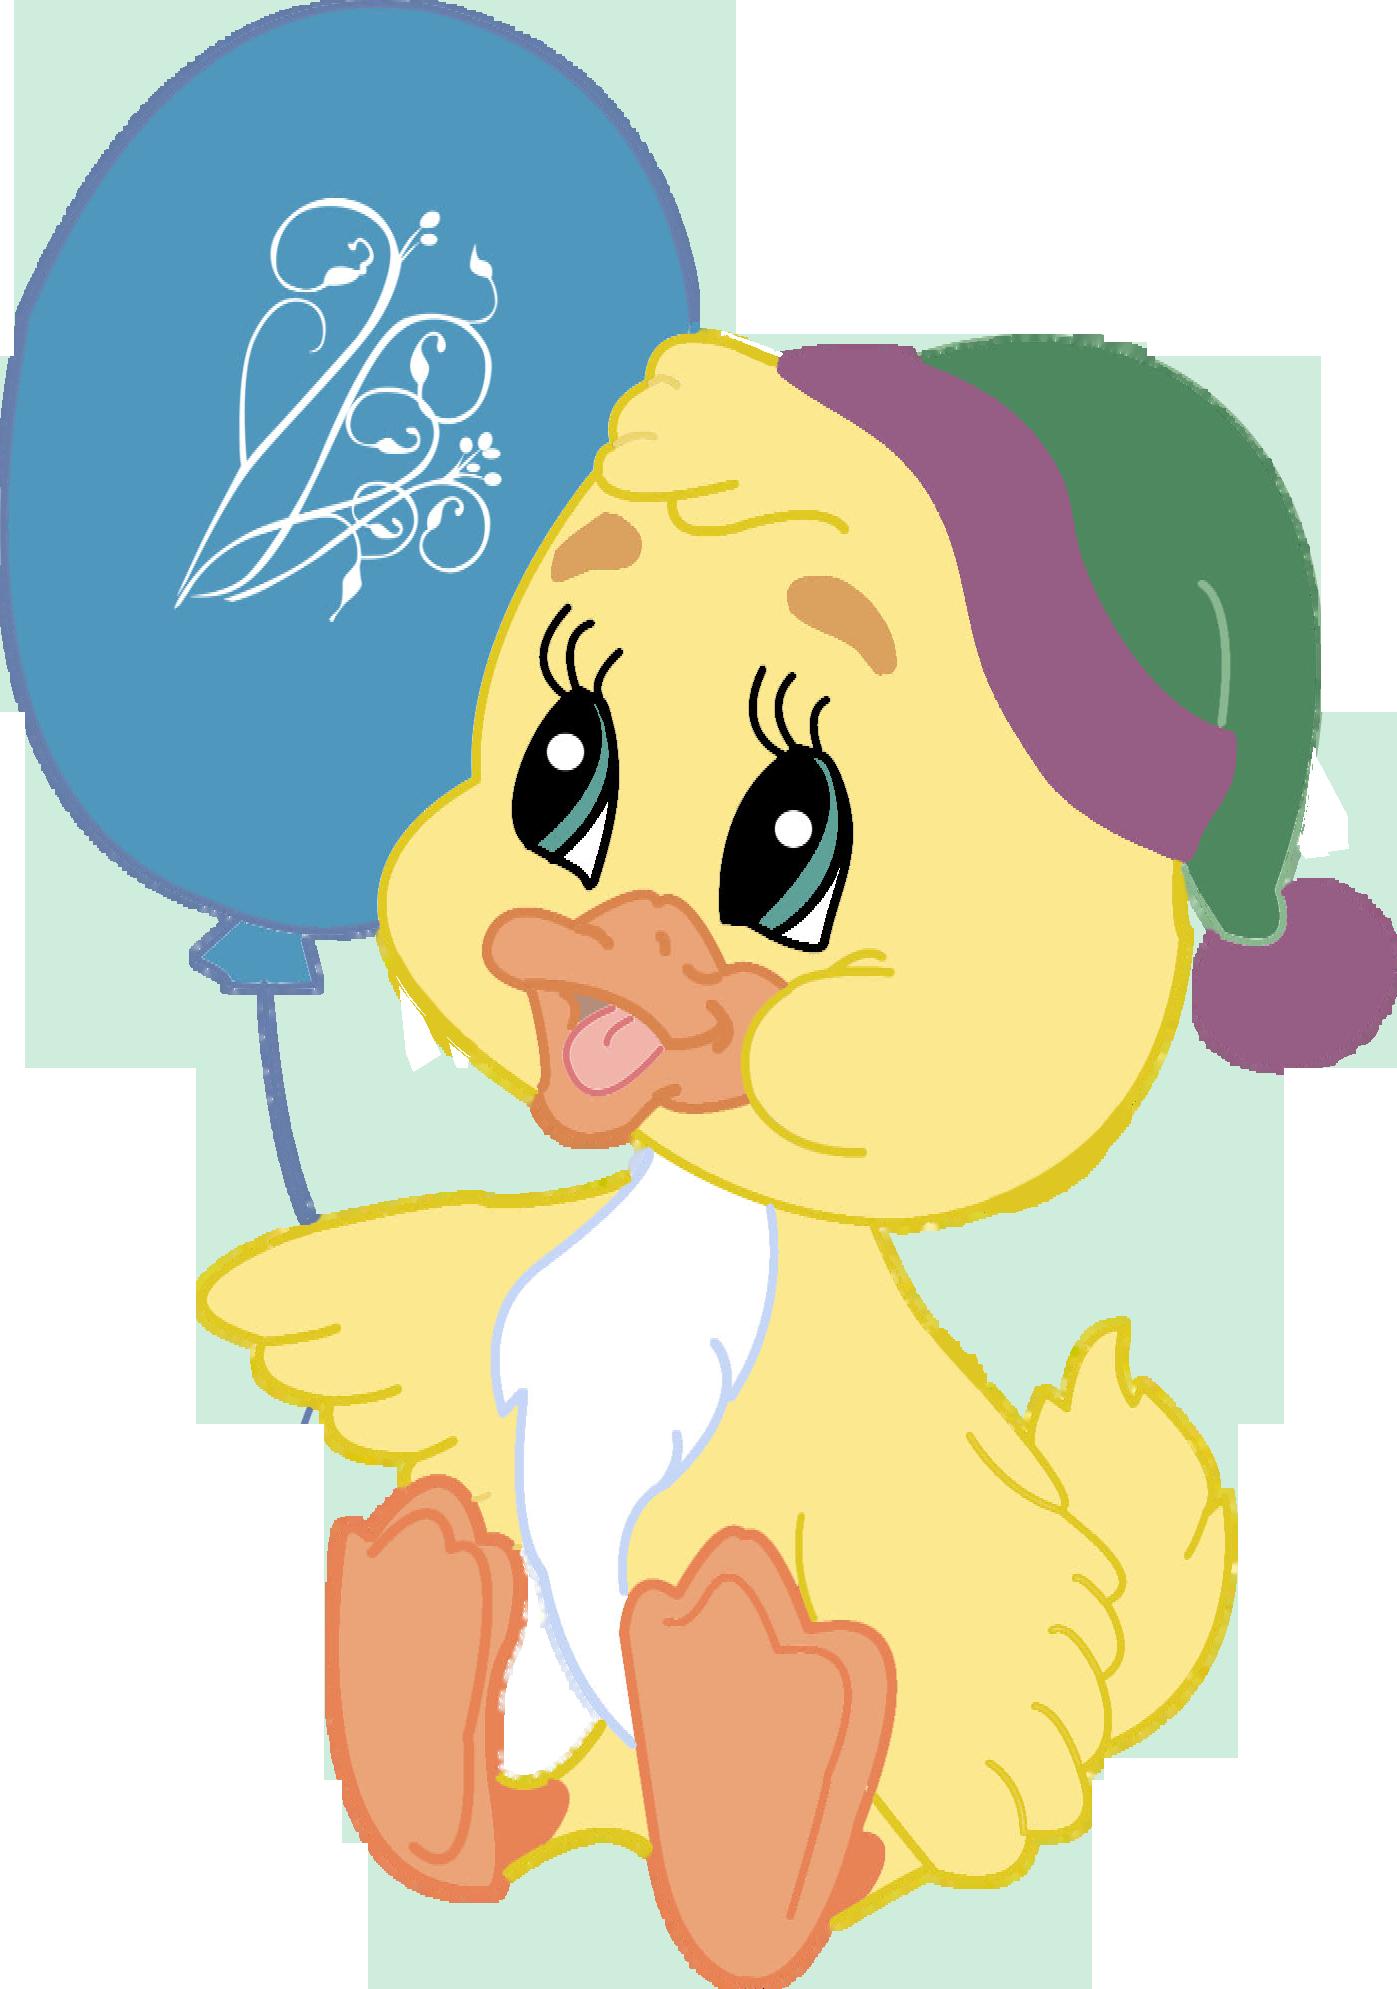 афоризмов картинка цыпленок с шариком учился театральной школе